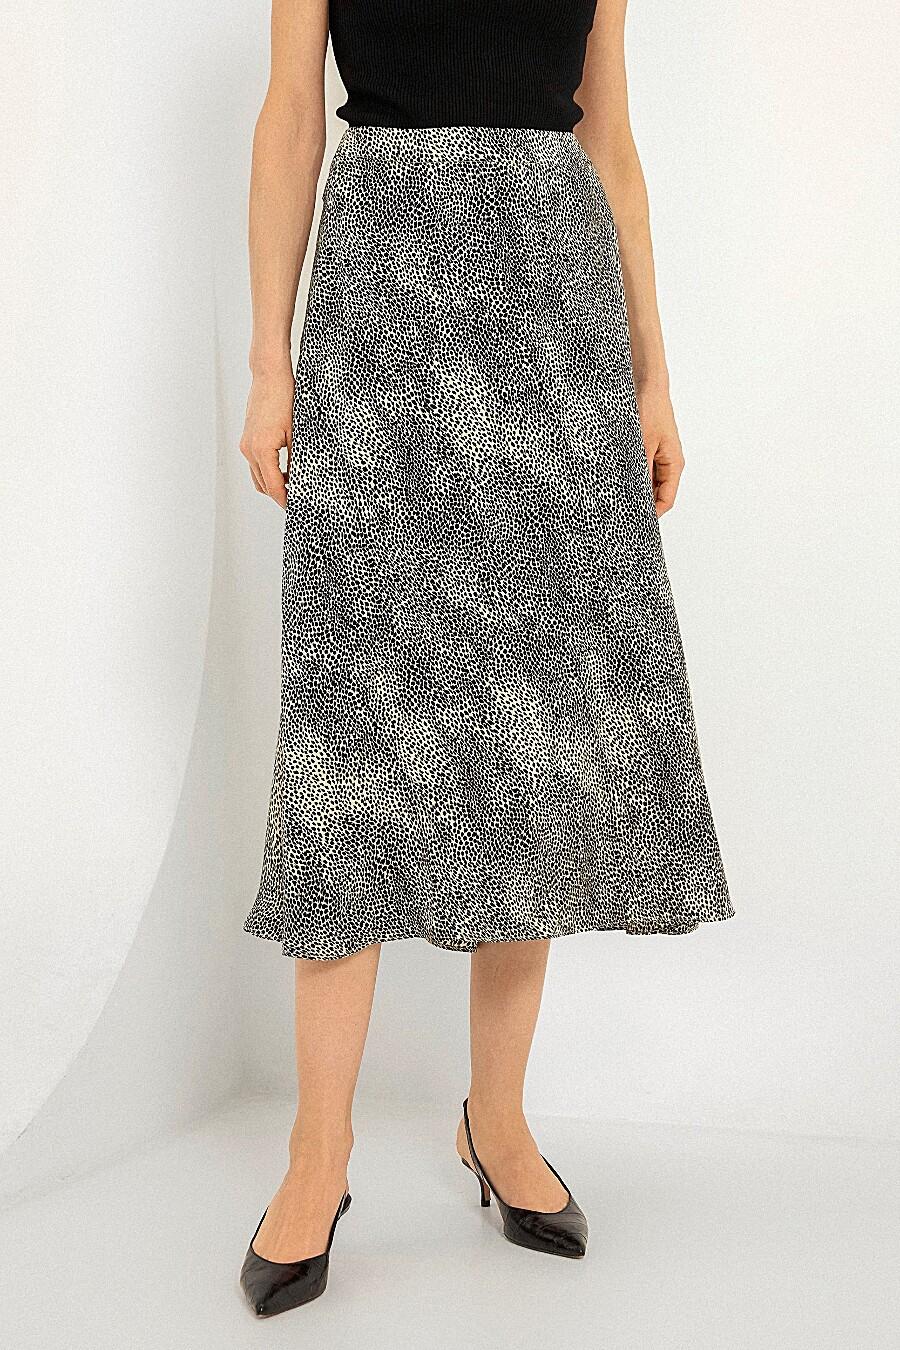 Юбка ZARINA (204981), купить в Moyo.moda